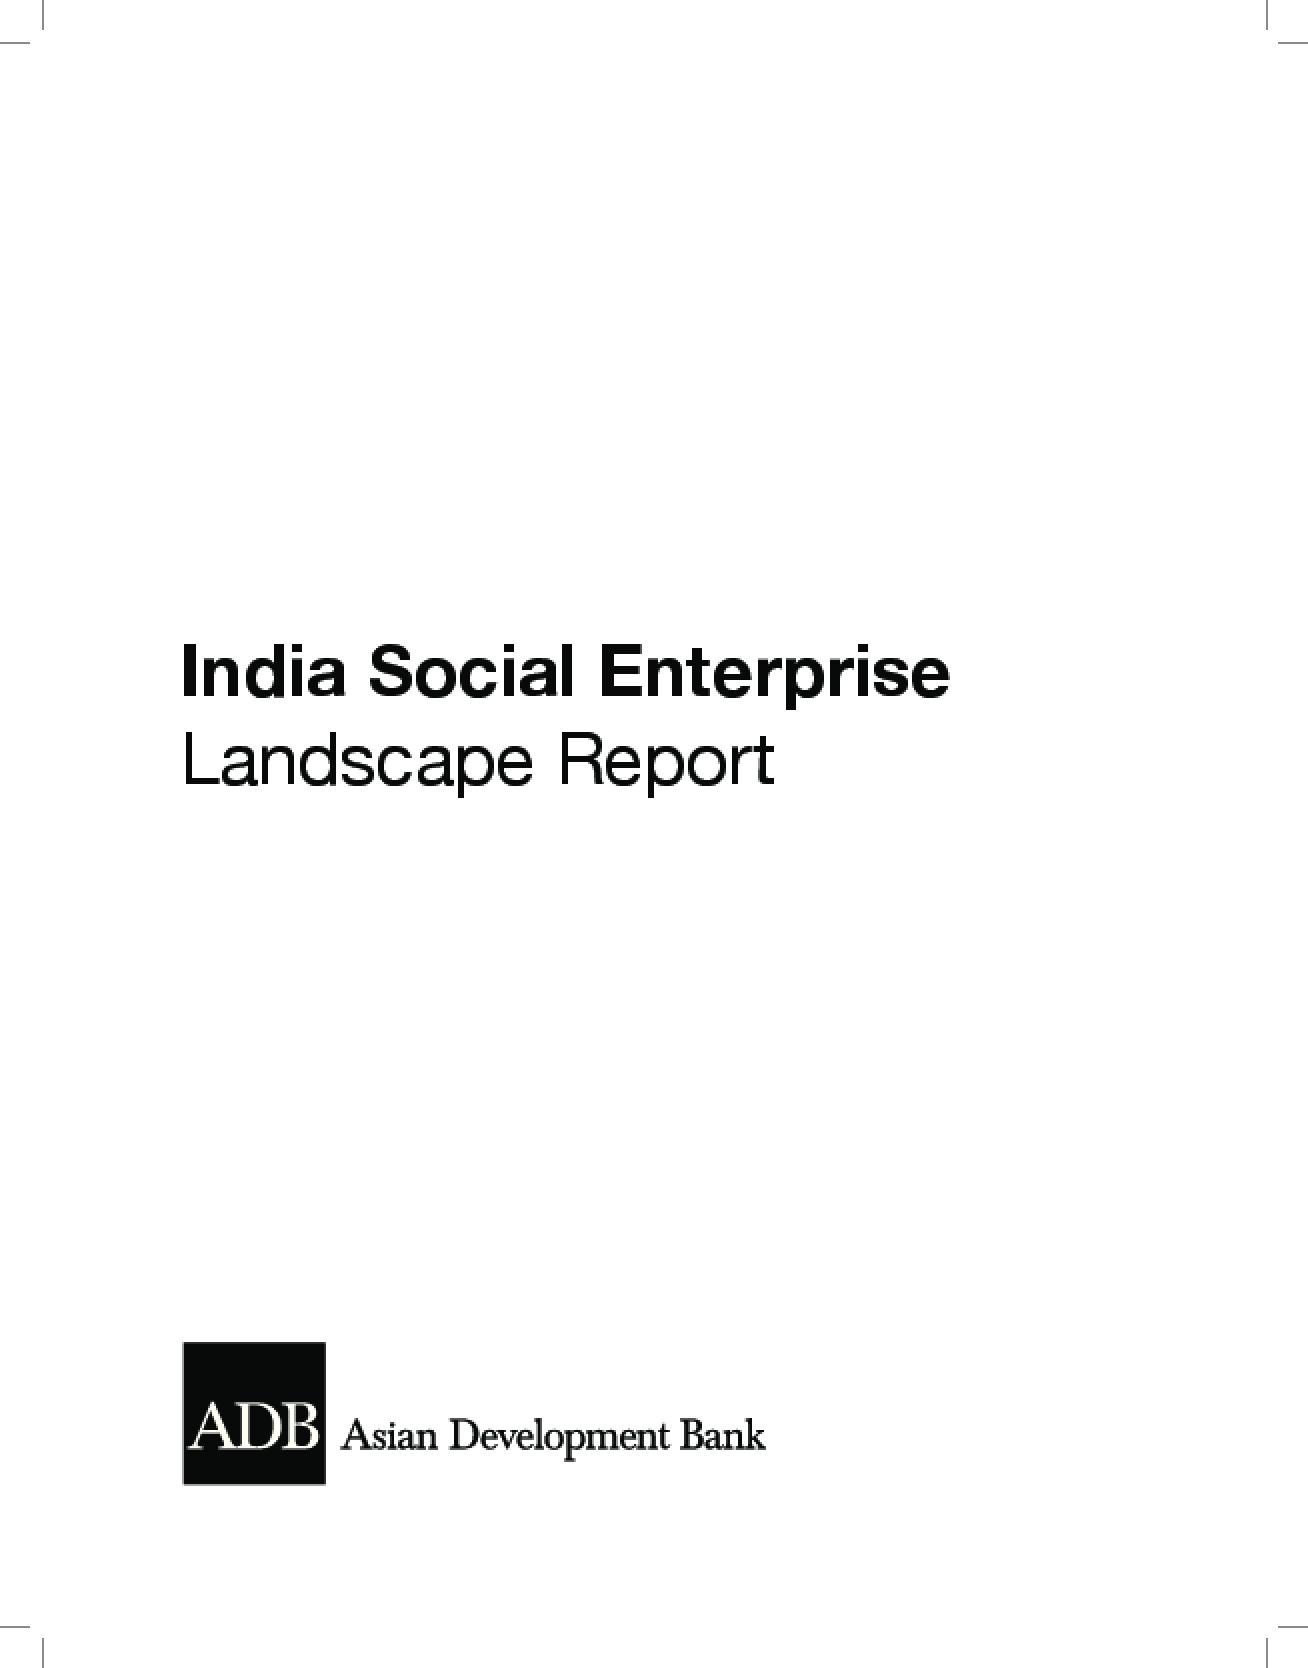 India Social Enterprise Landscape Report